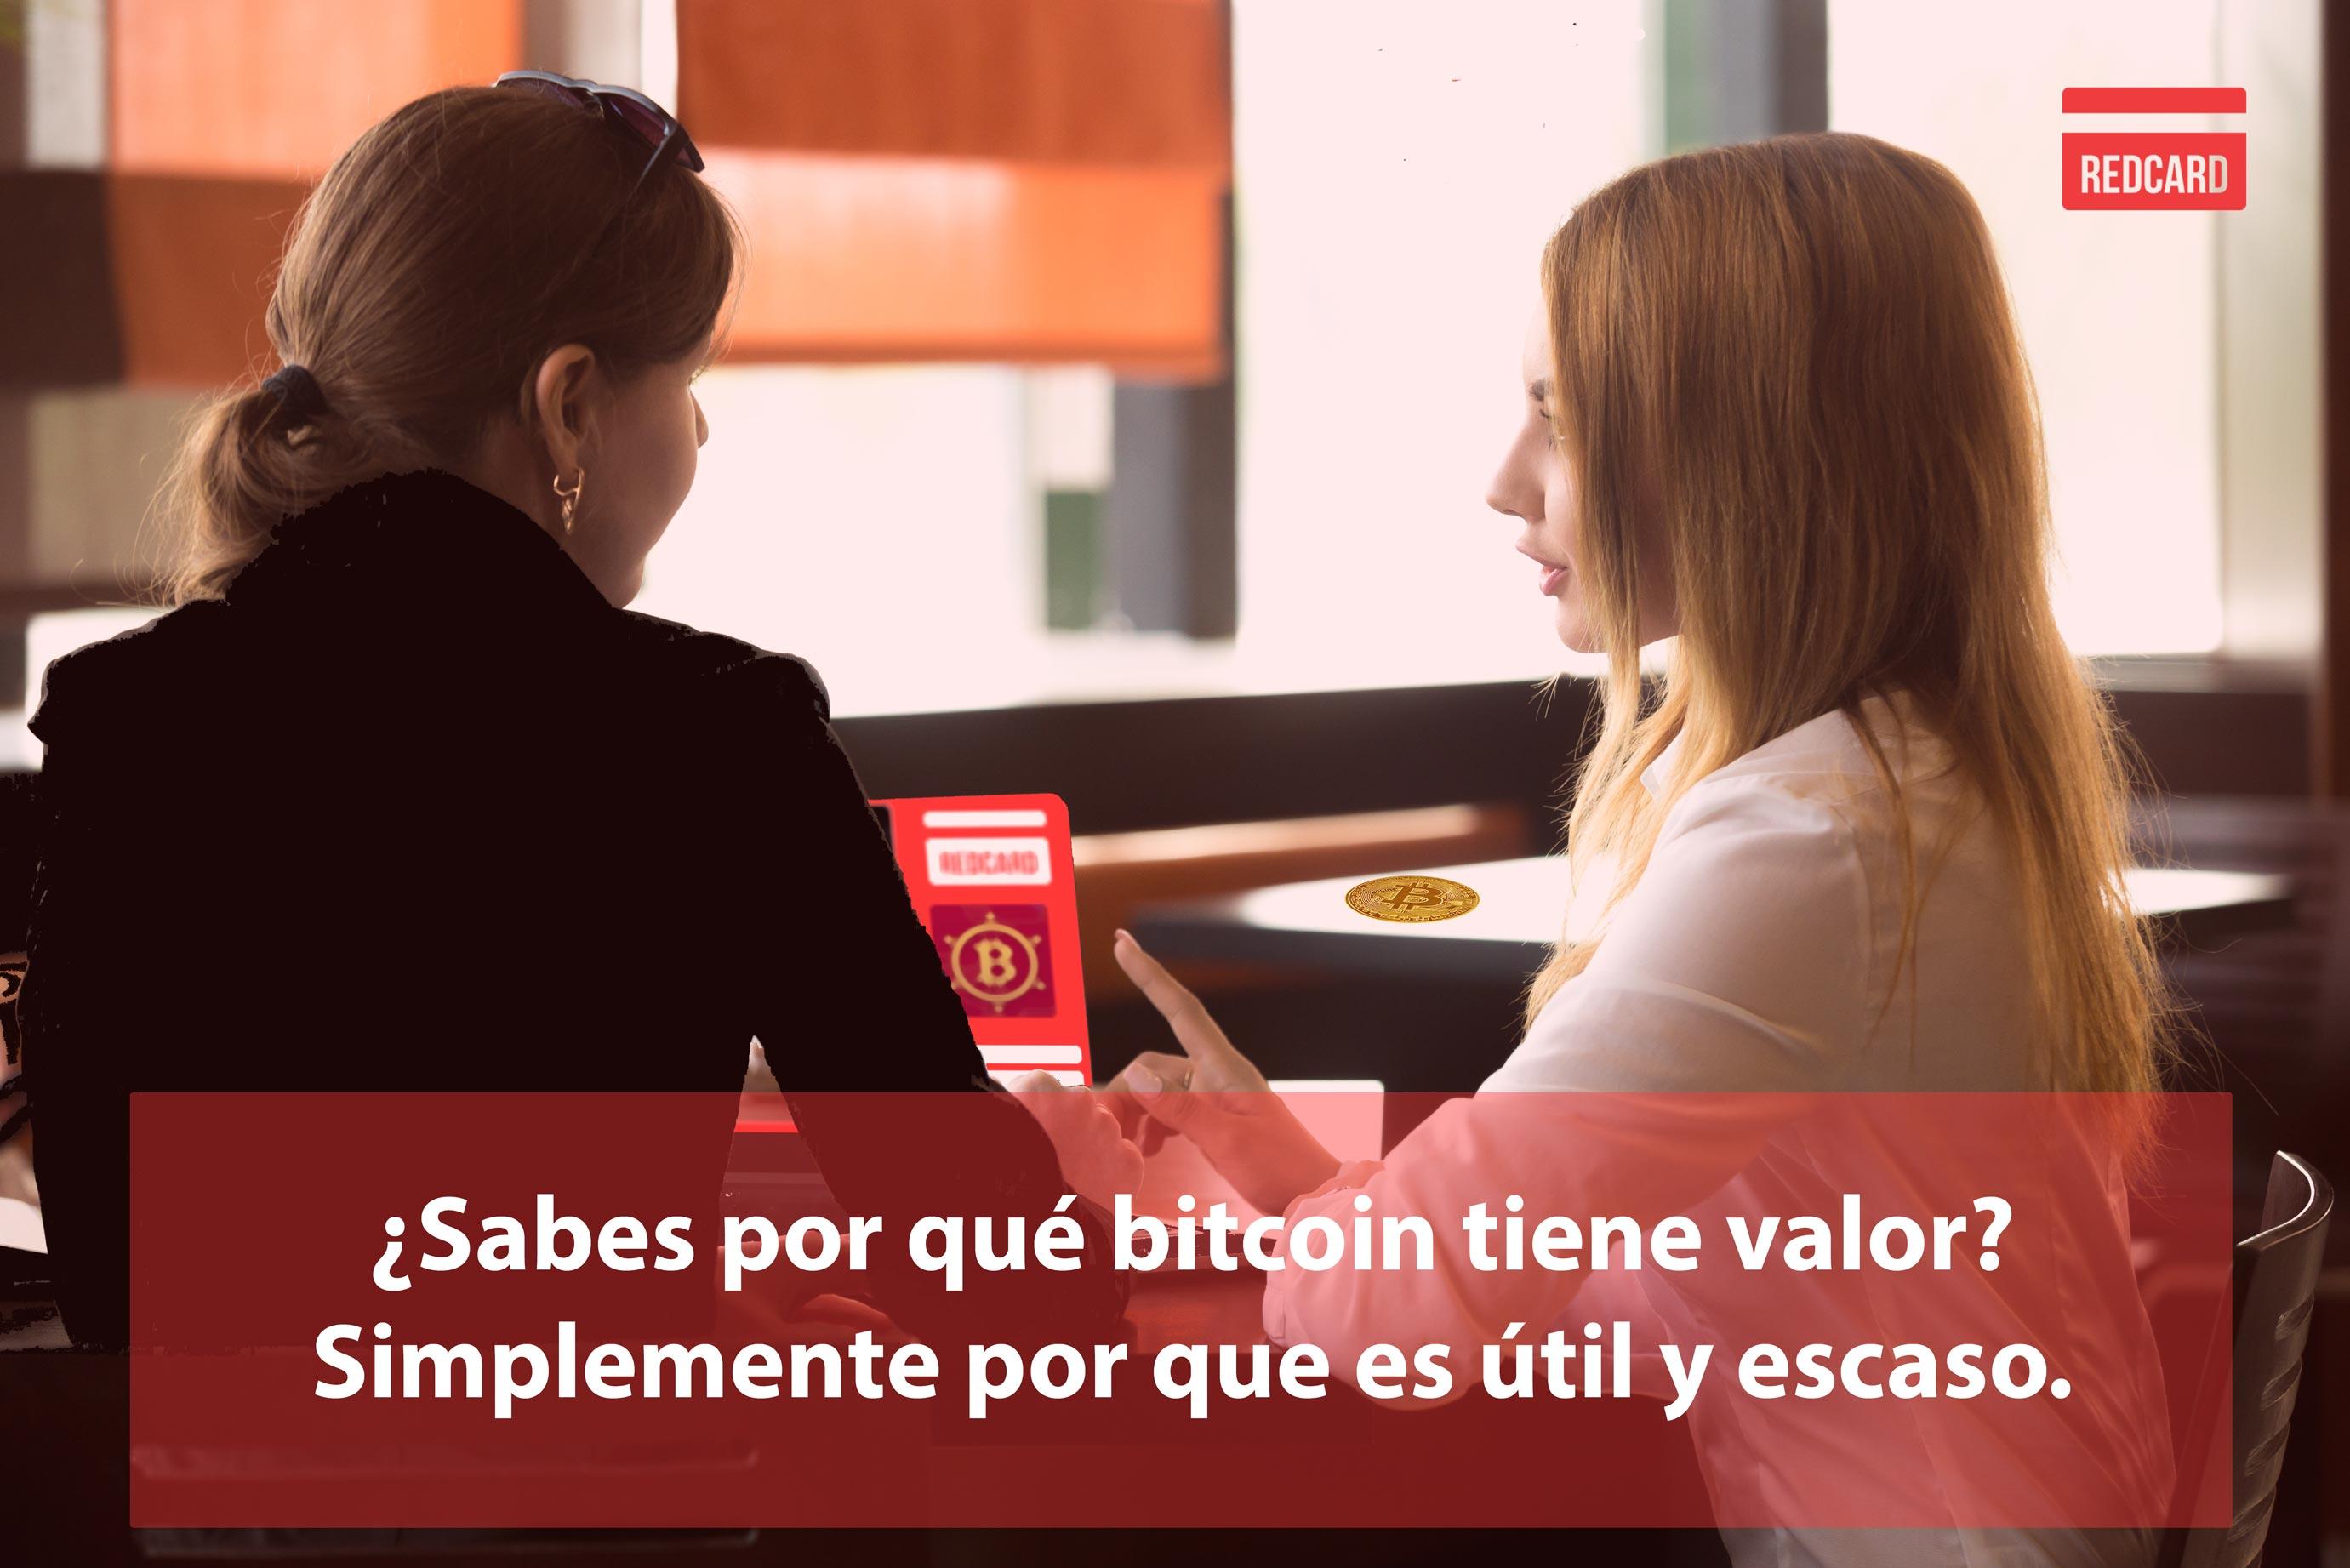 Sabes por qué bitcoin tiene valor